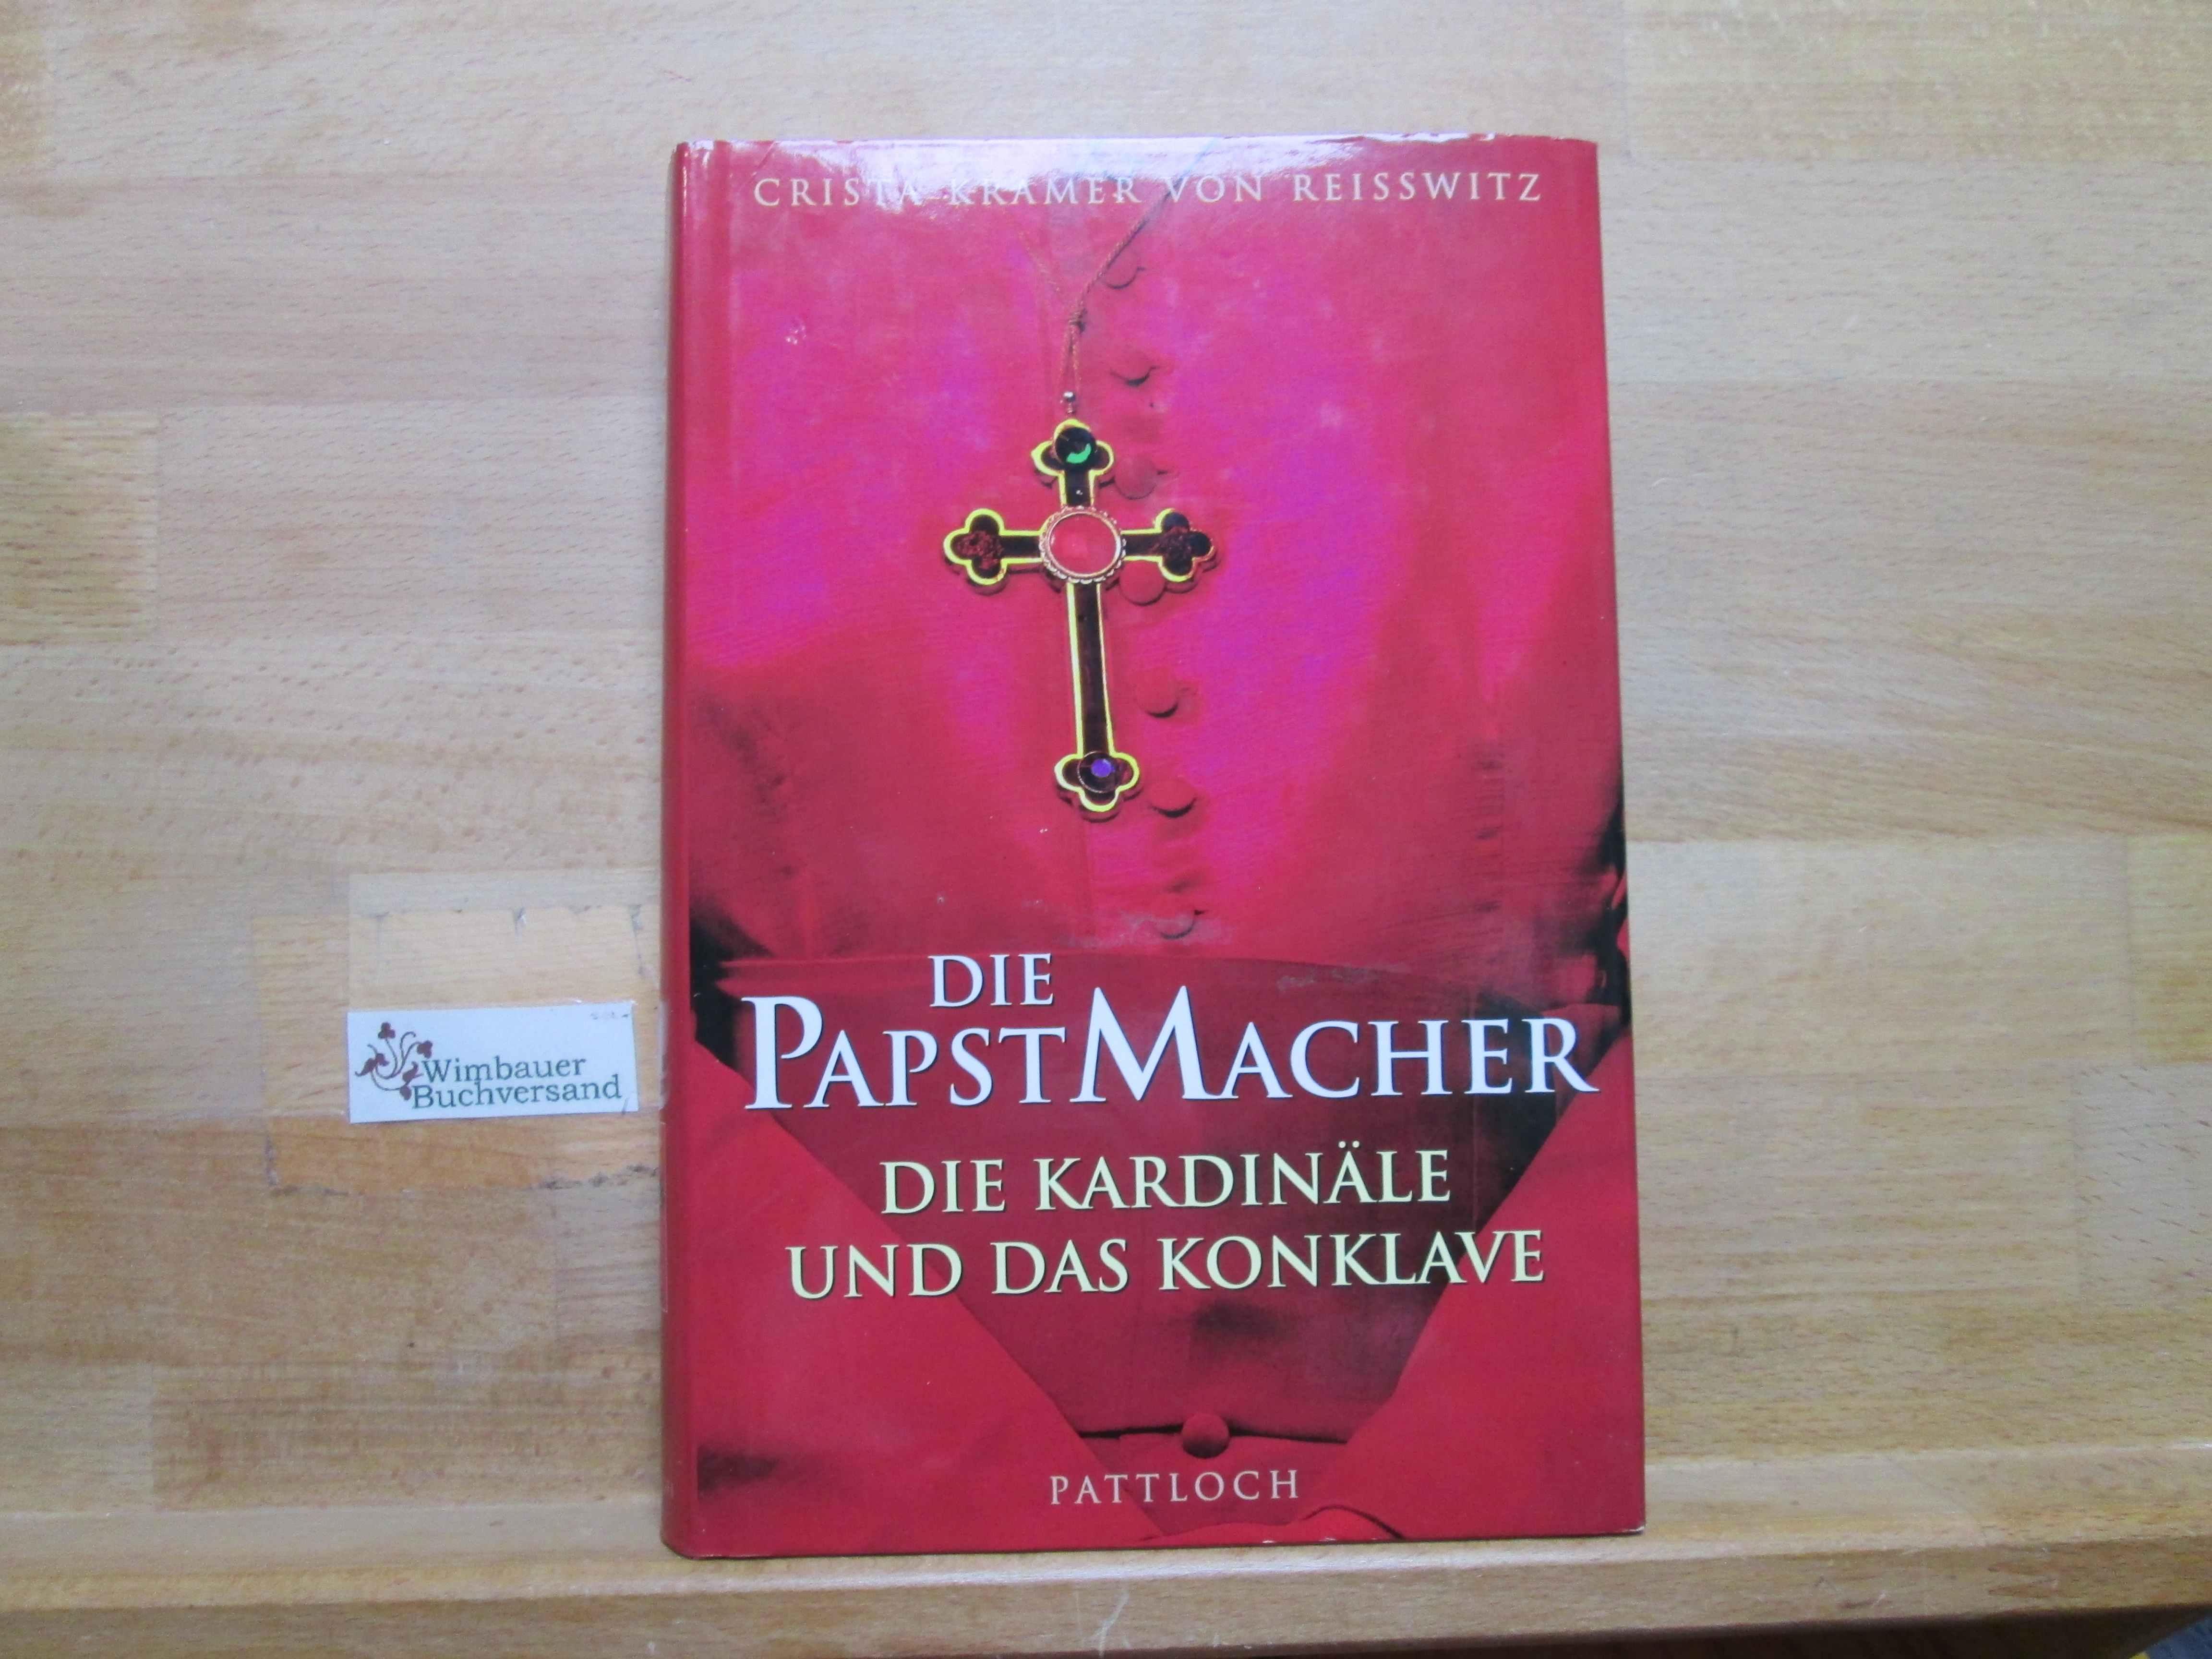 Die Papstmacher : die Kardinäle und das Konklave.